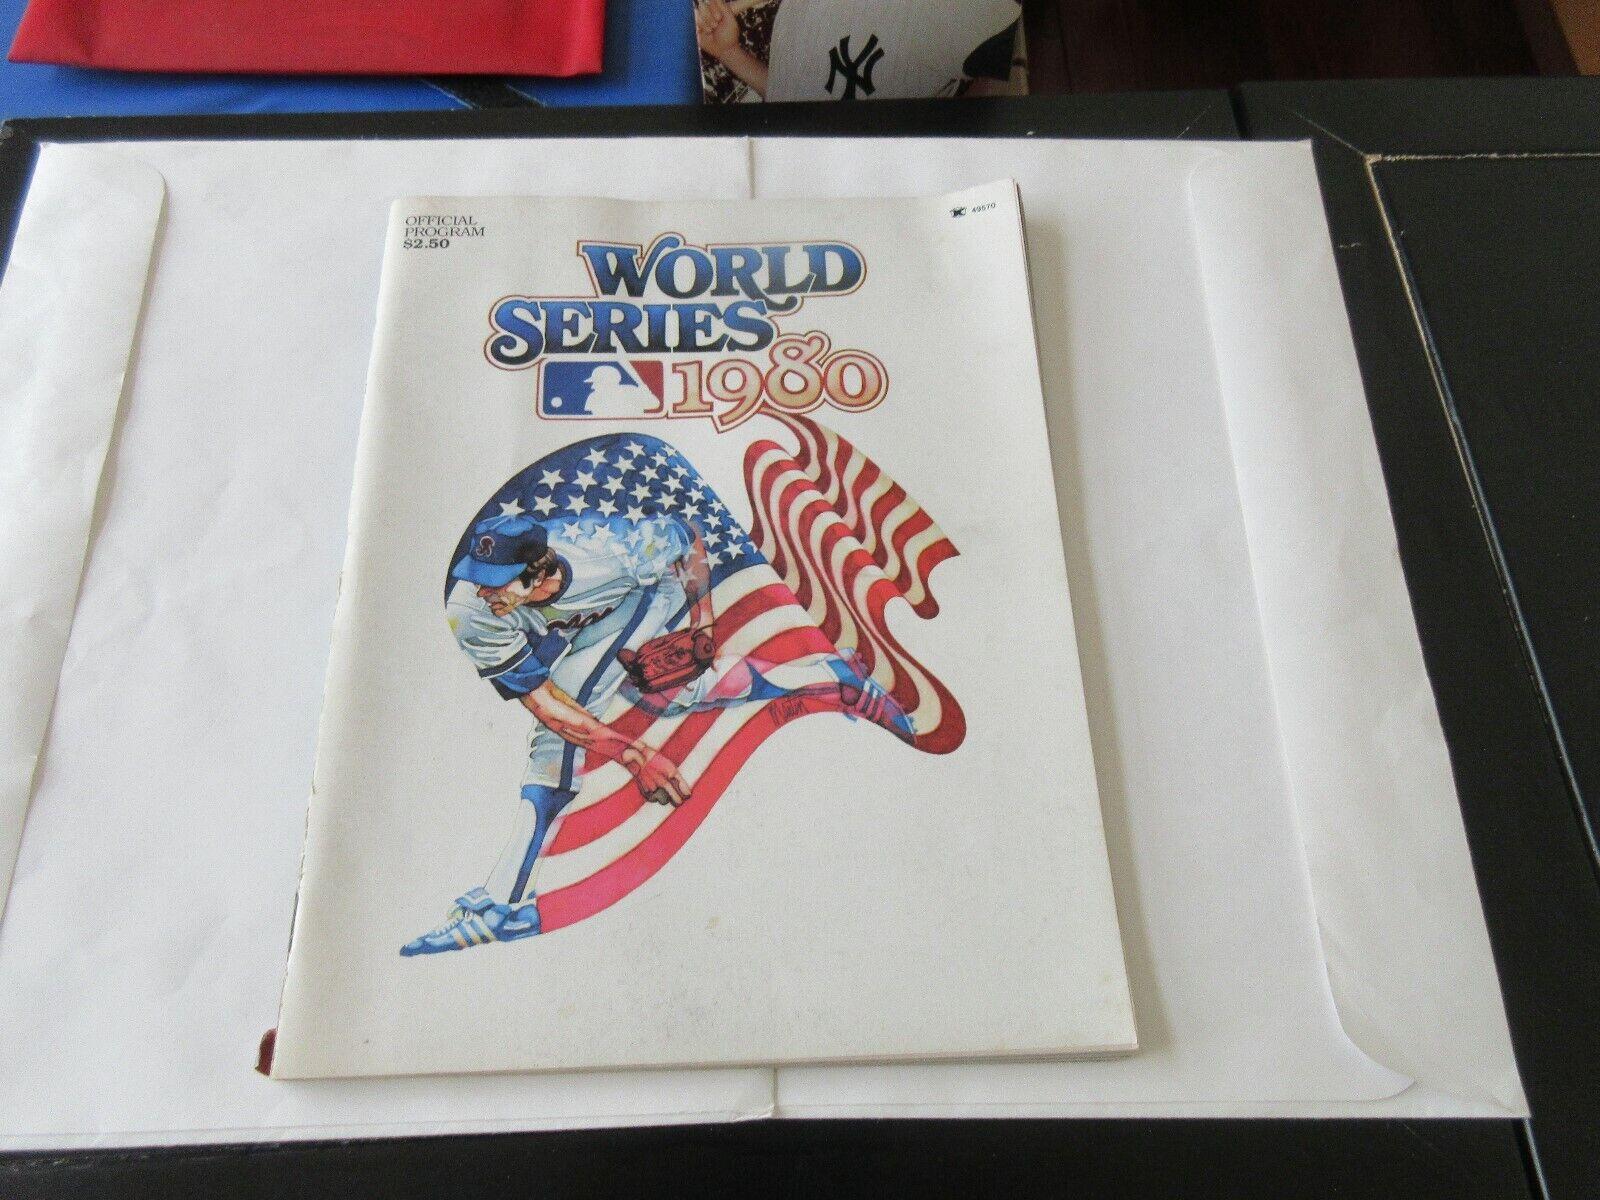 World Series 1980 , Official Program , Philadelphia Phi